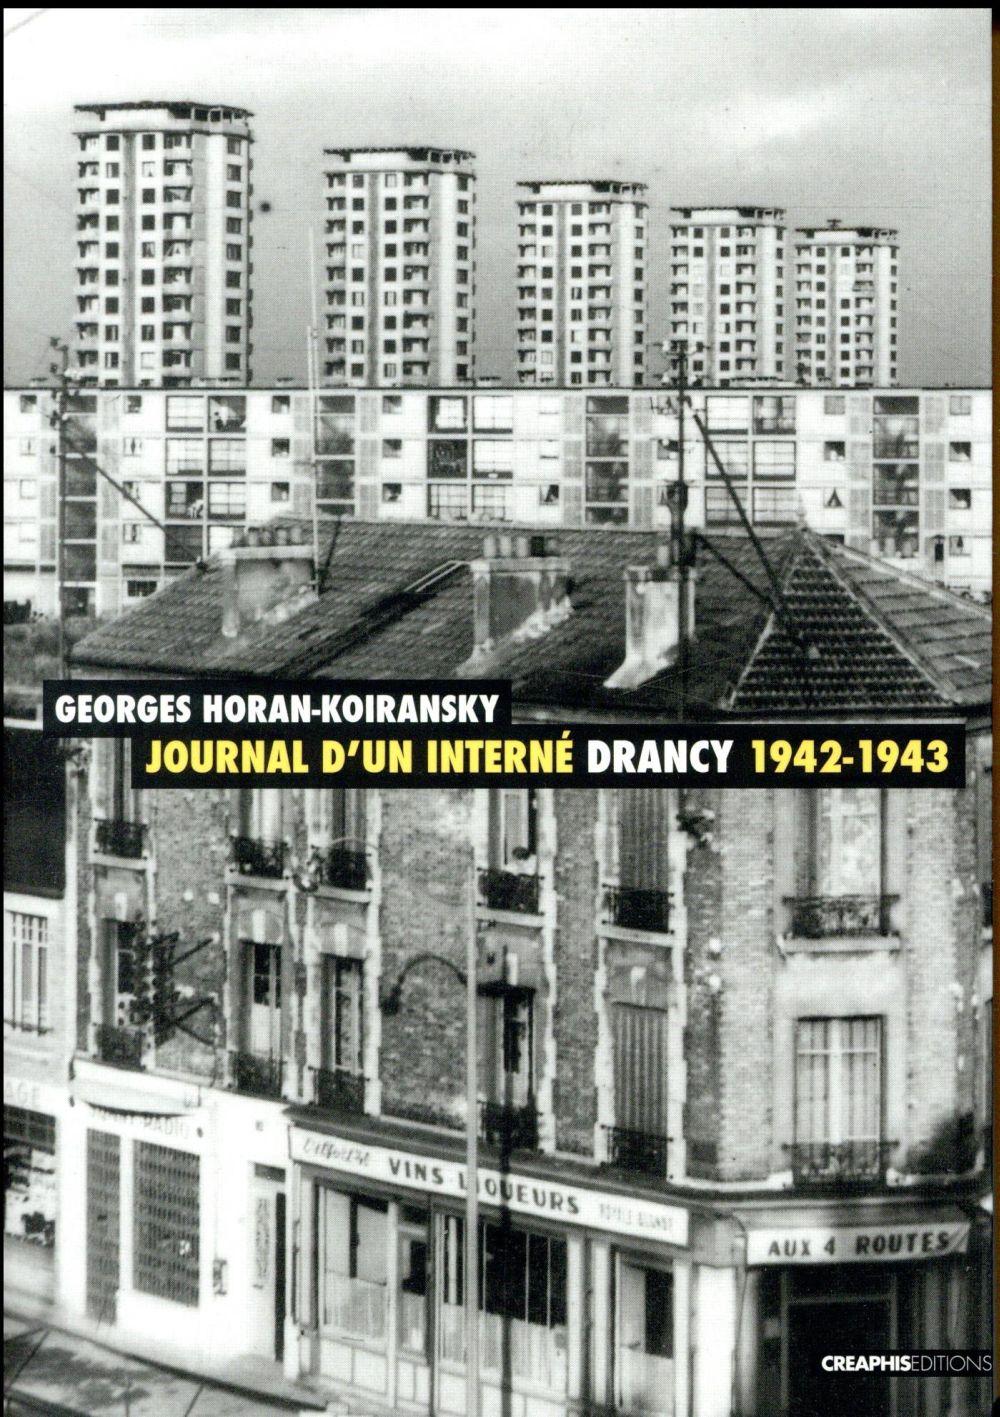 Journal d'un interné ; Drancy, 1942-1943